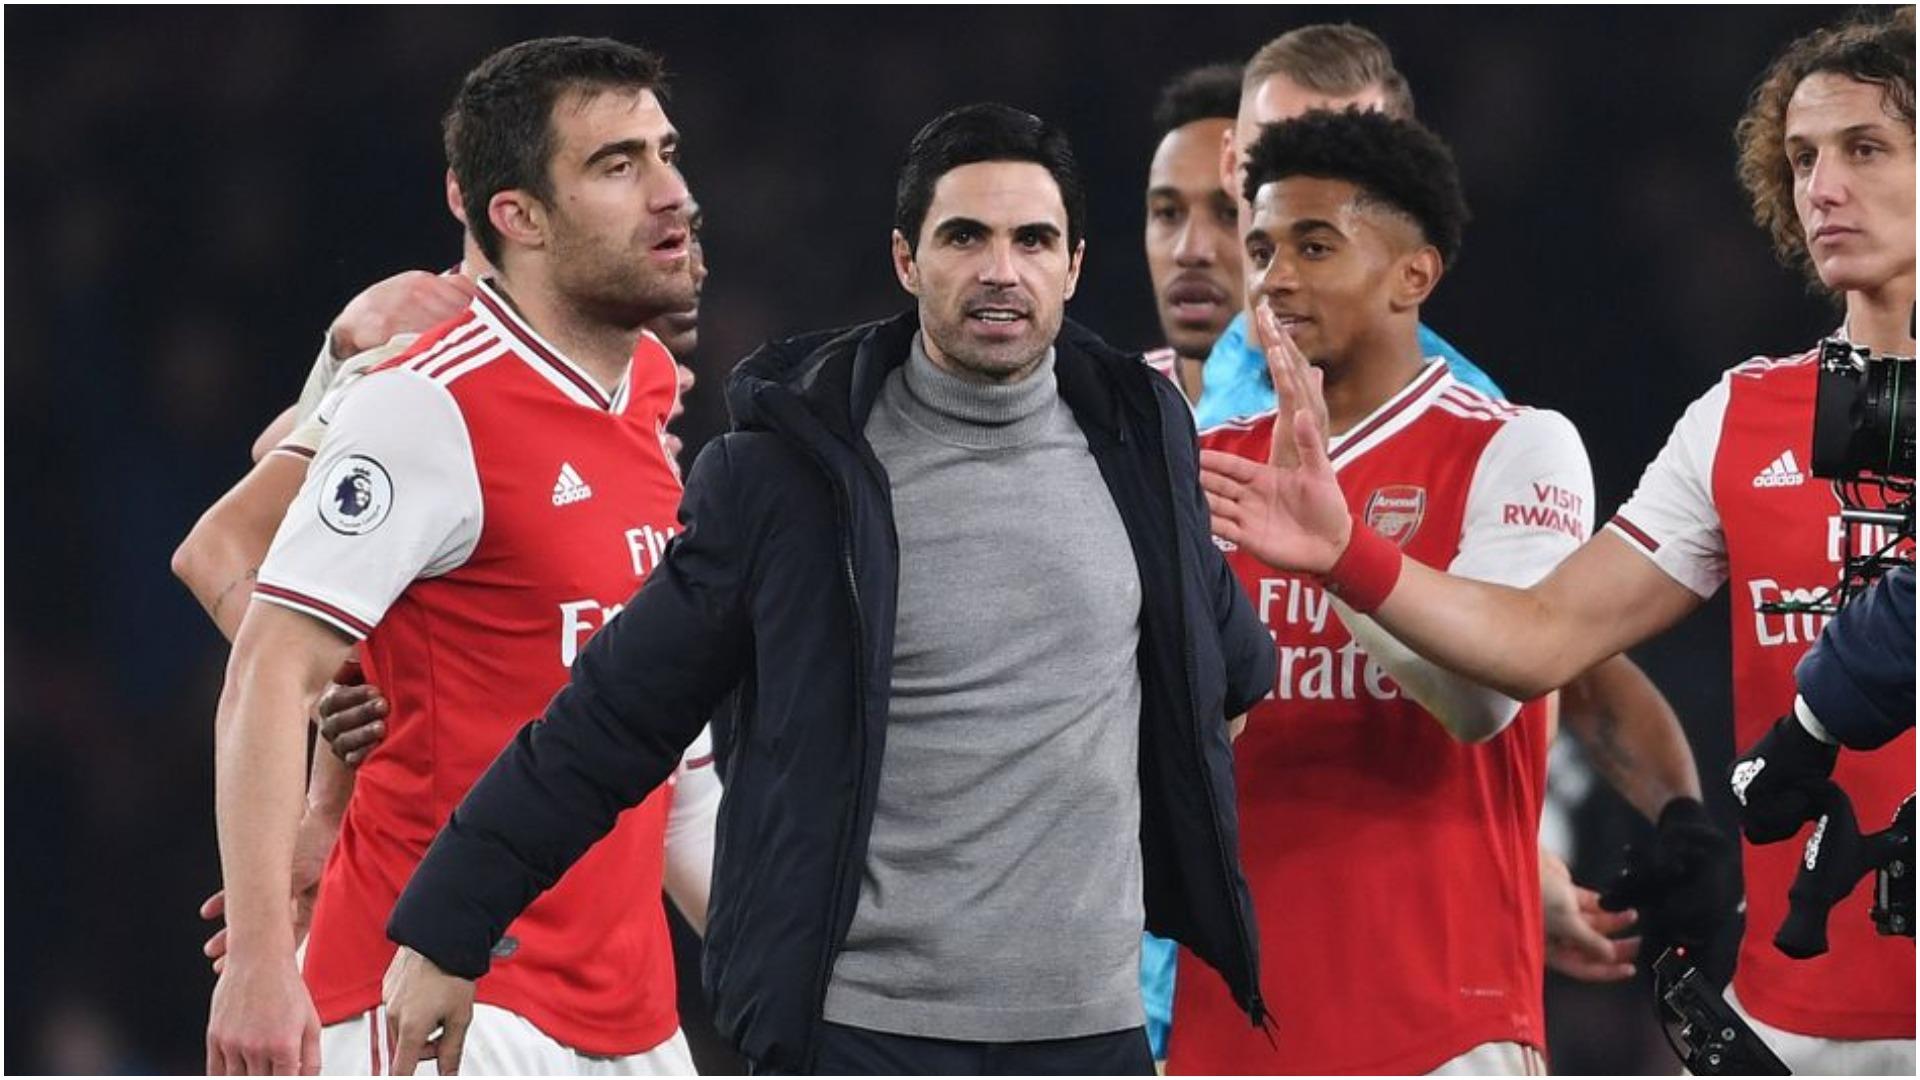 """Bonuse ekstra dhe efekti Arteta, Arsenali bind """"rebelët"""" e skuadrës"""